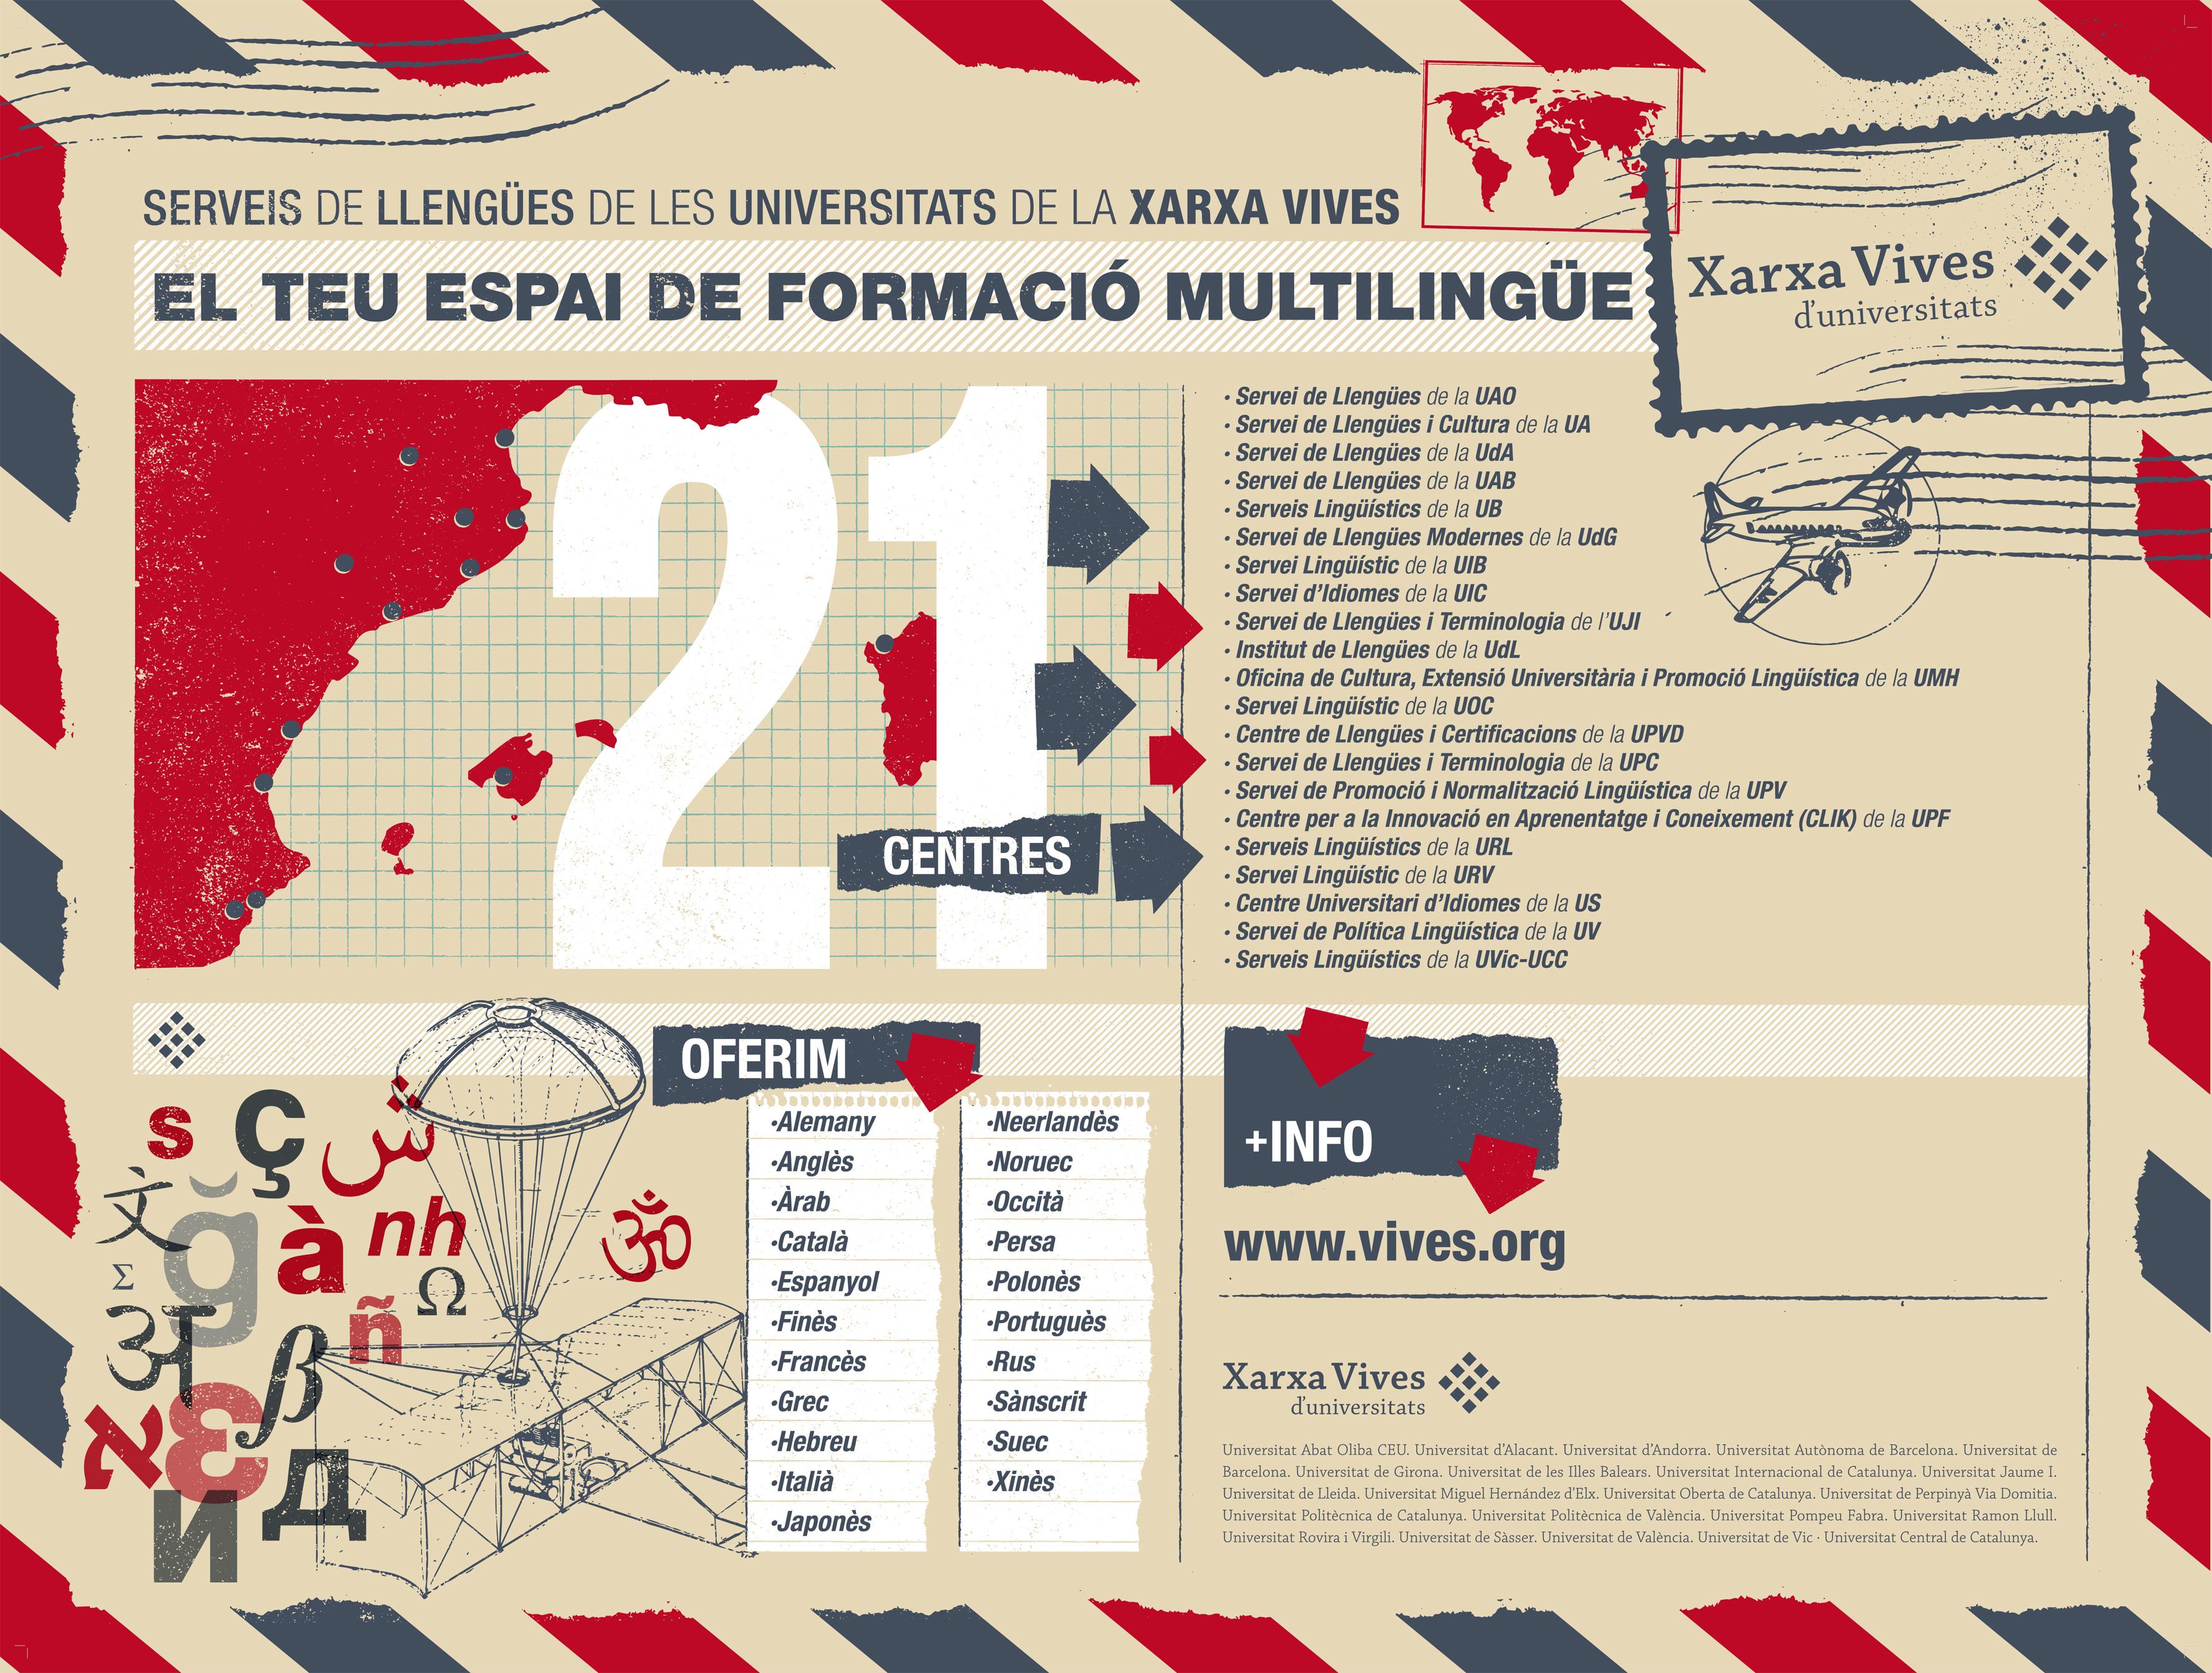 lona_llengues_xarxa02mail_ok